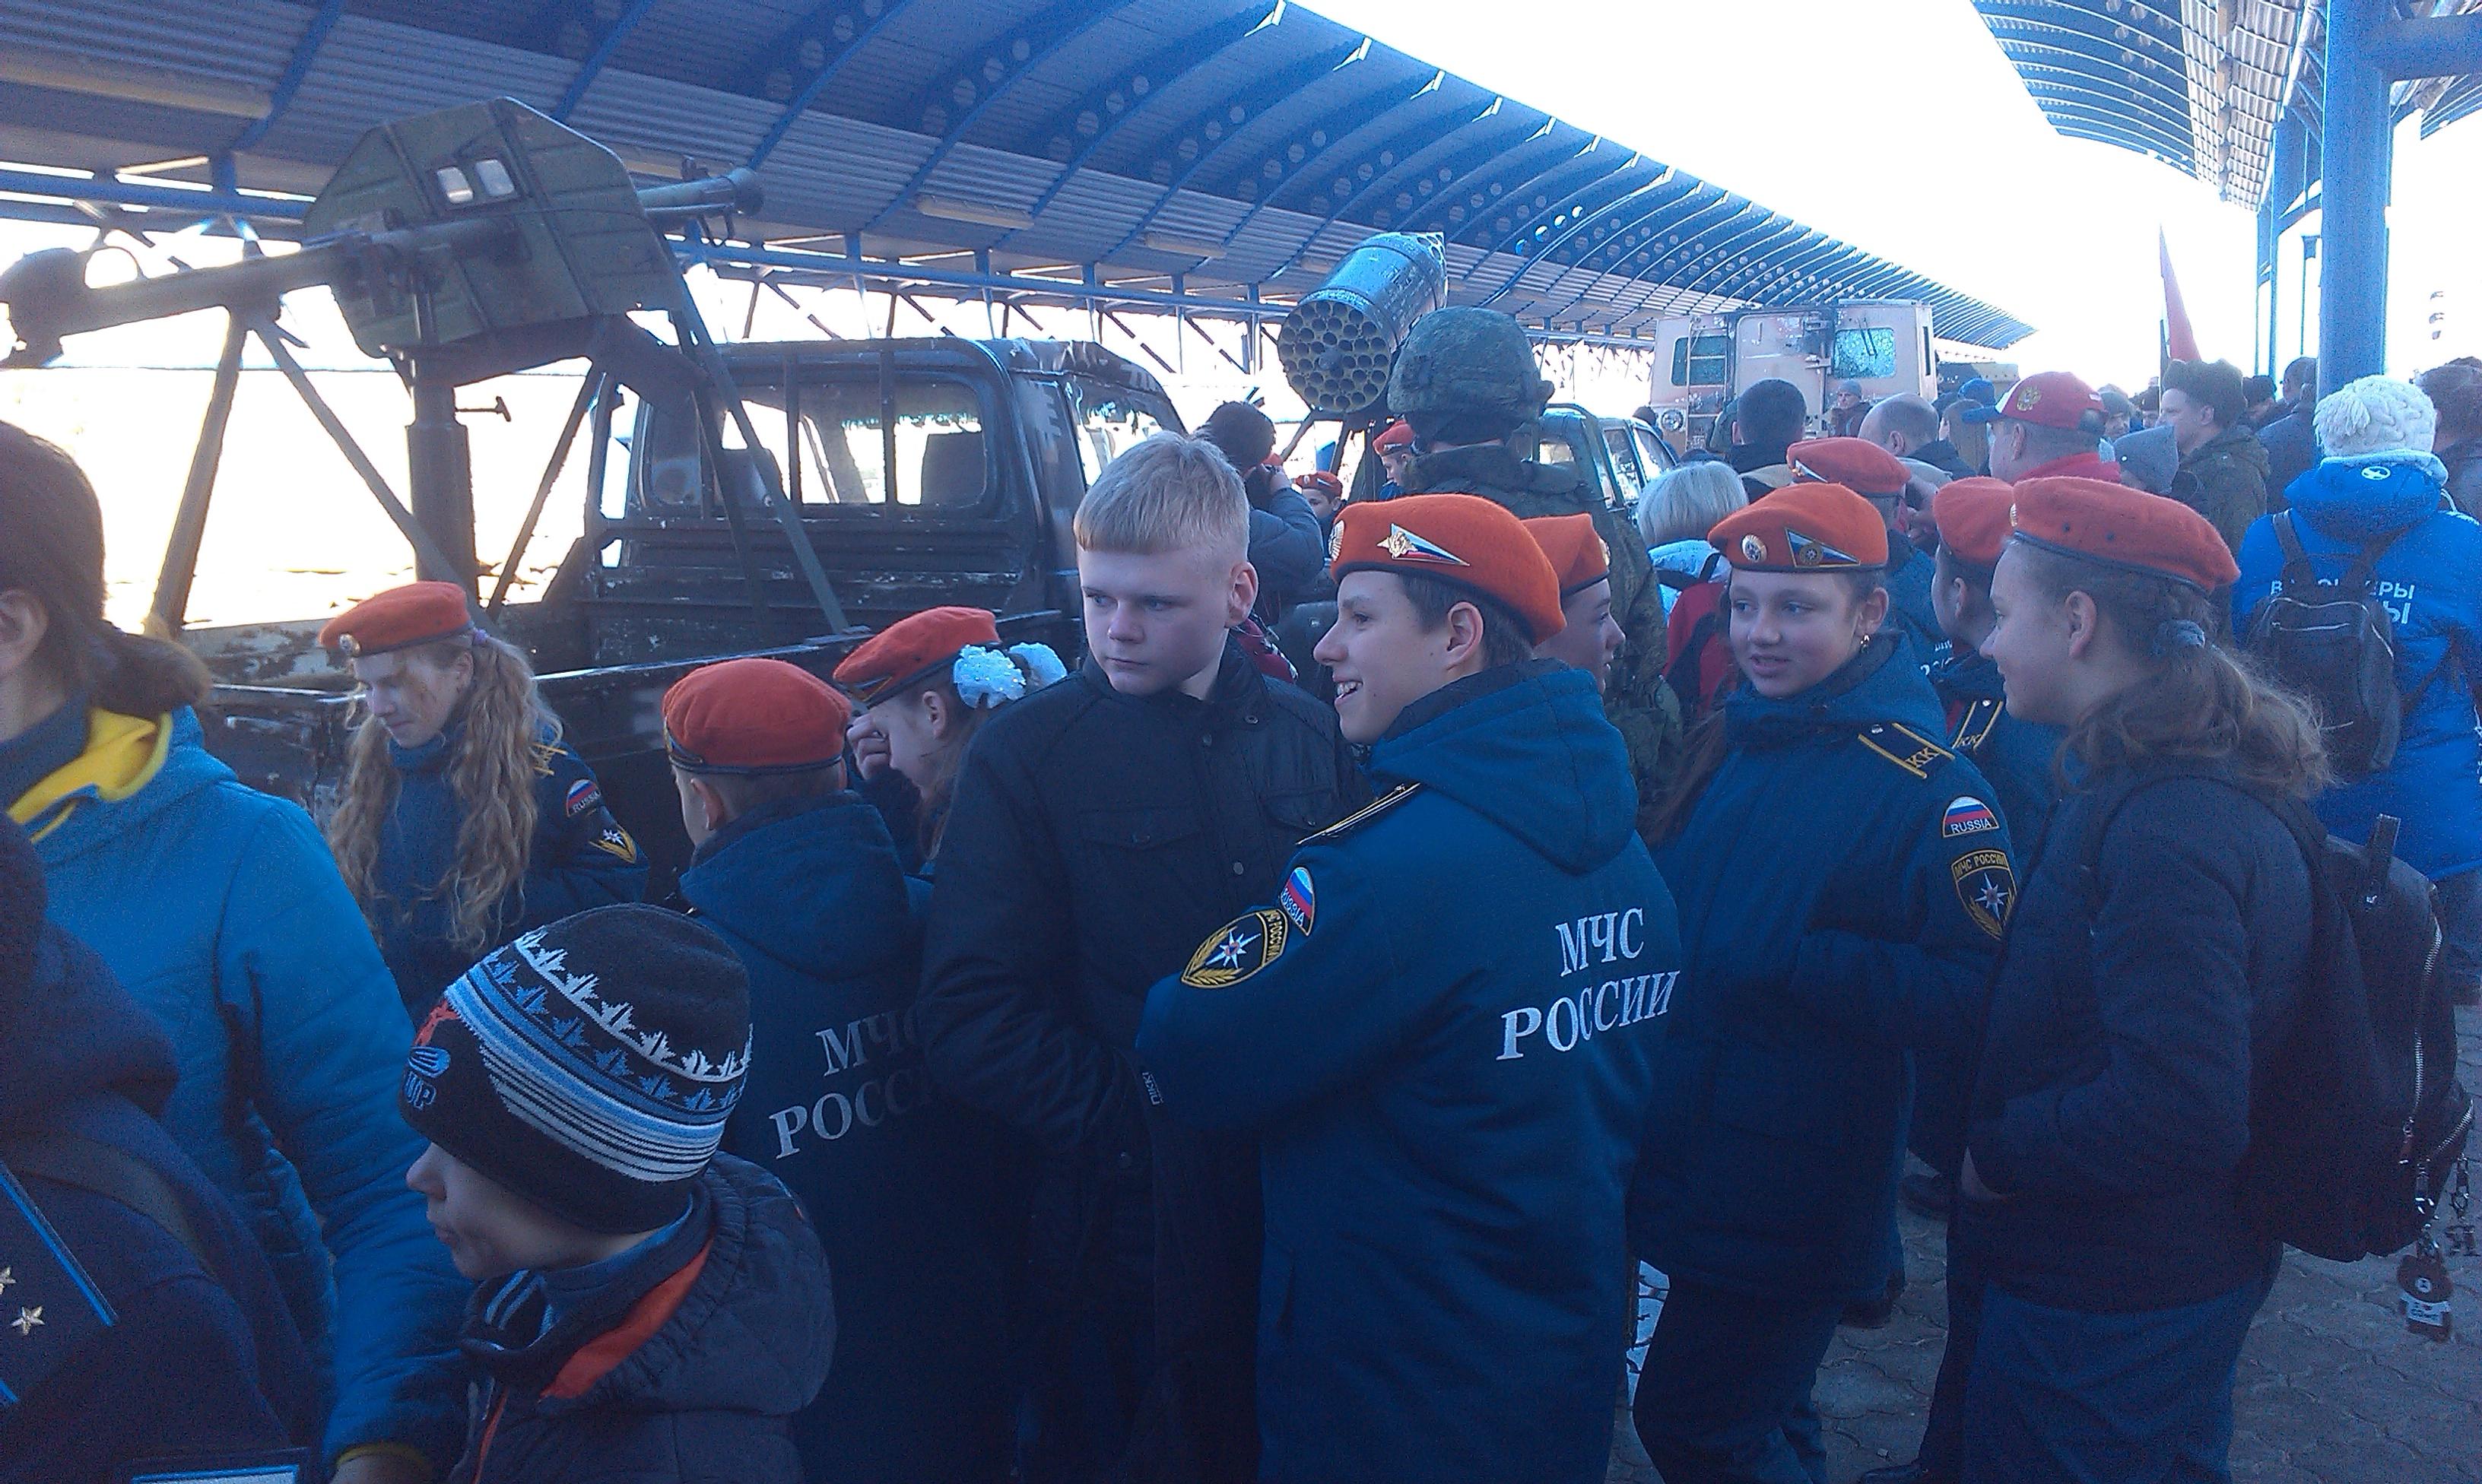 Росія провела у Севастополі заходи для пропаганди війни (світлини)